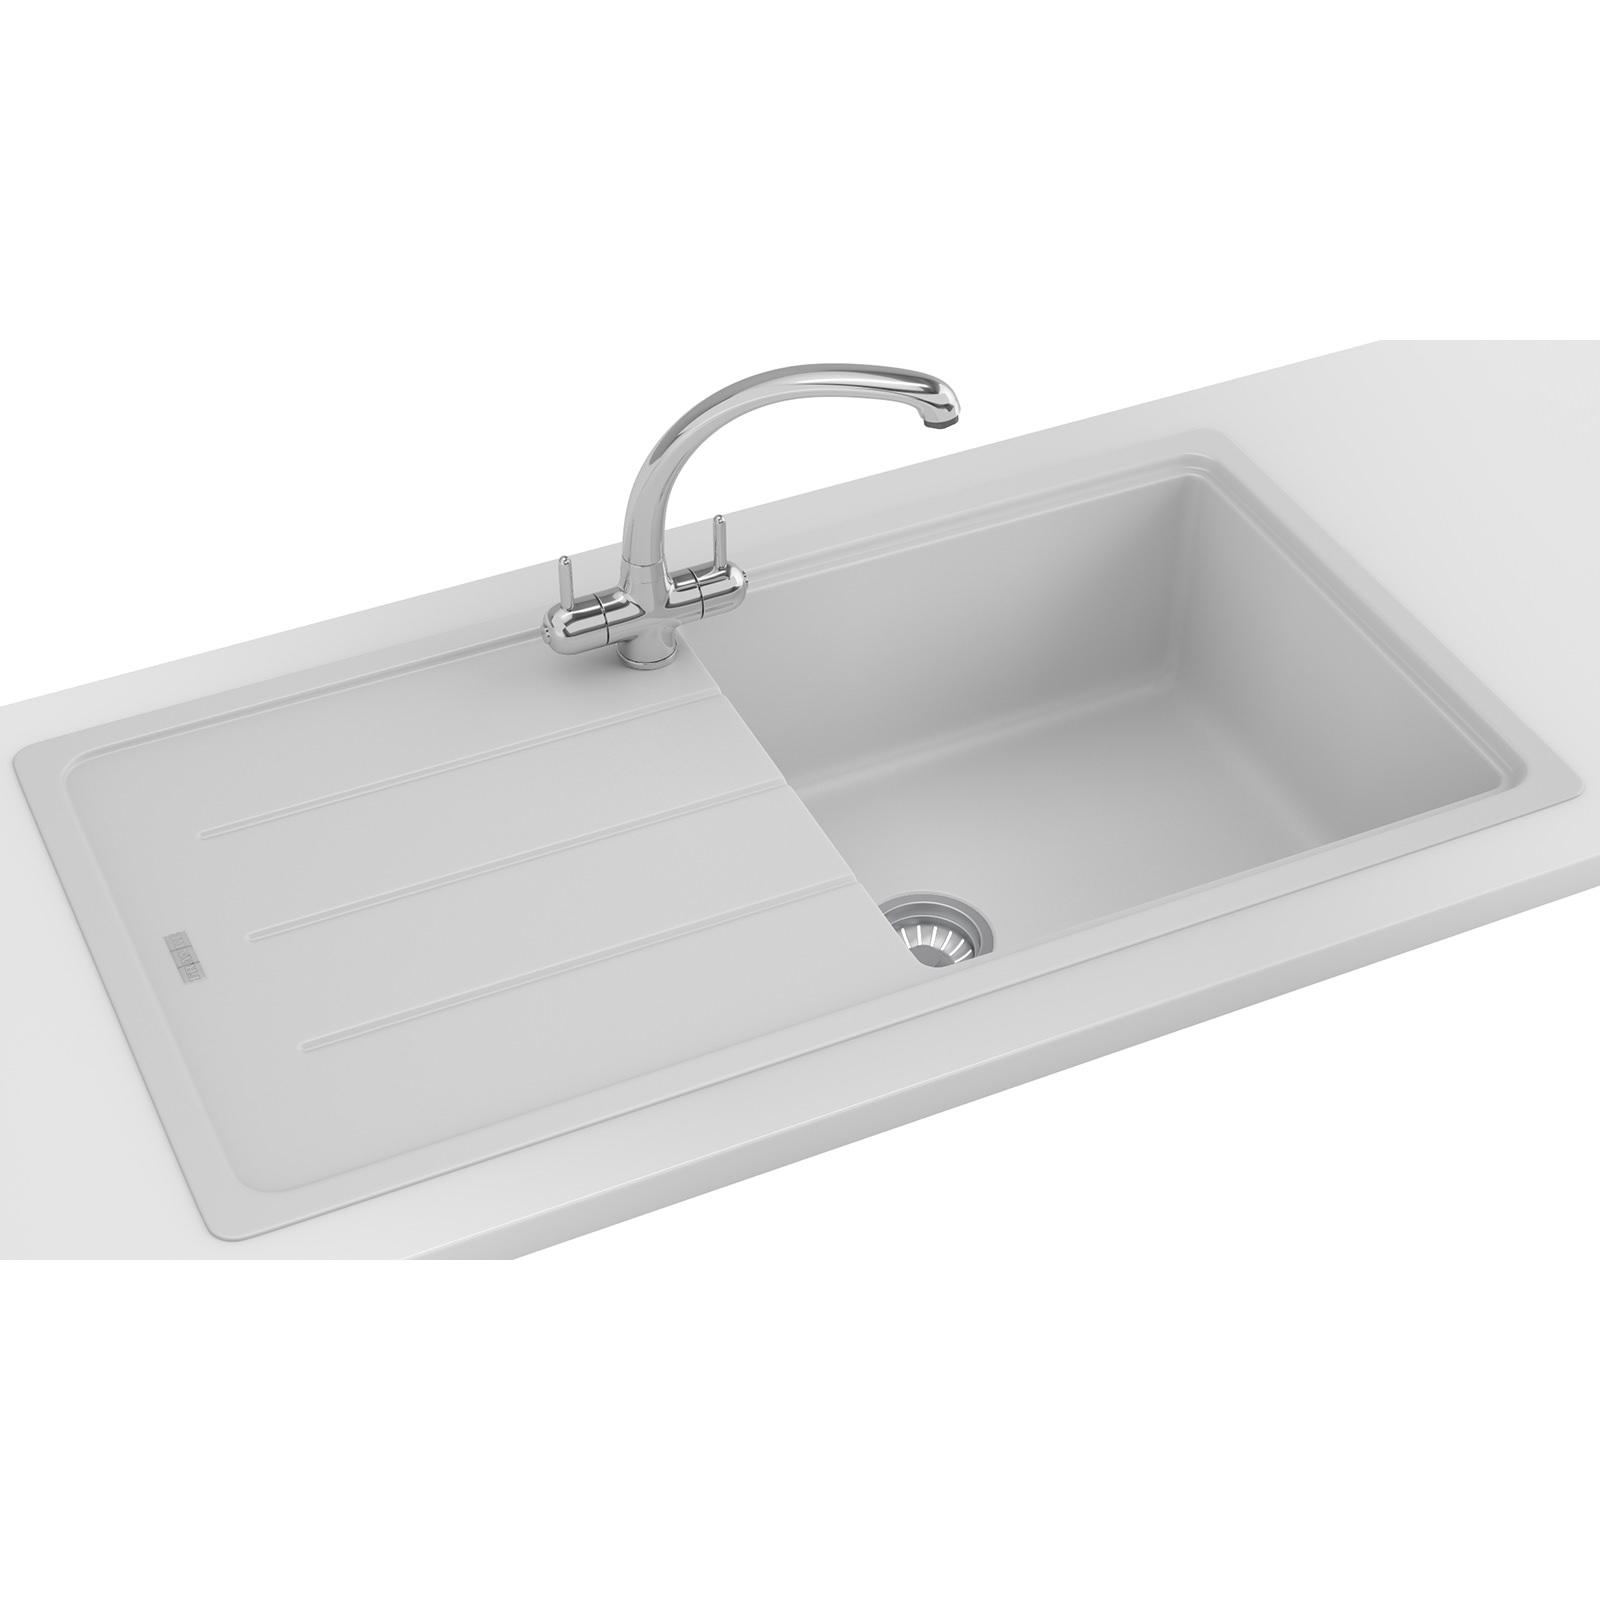 franke basis propack bfg 611 970 polar white fragranite. Black Bedroom Furniture Sets. Home Design Ideas